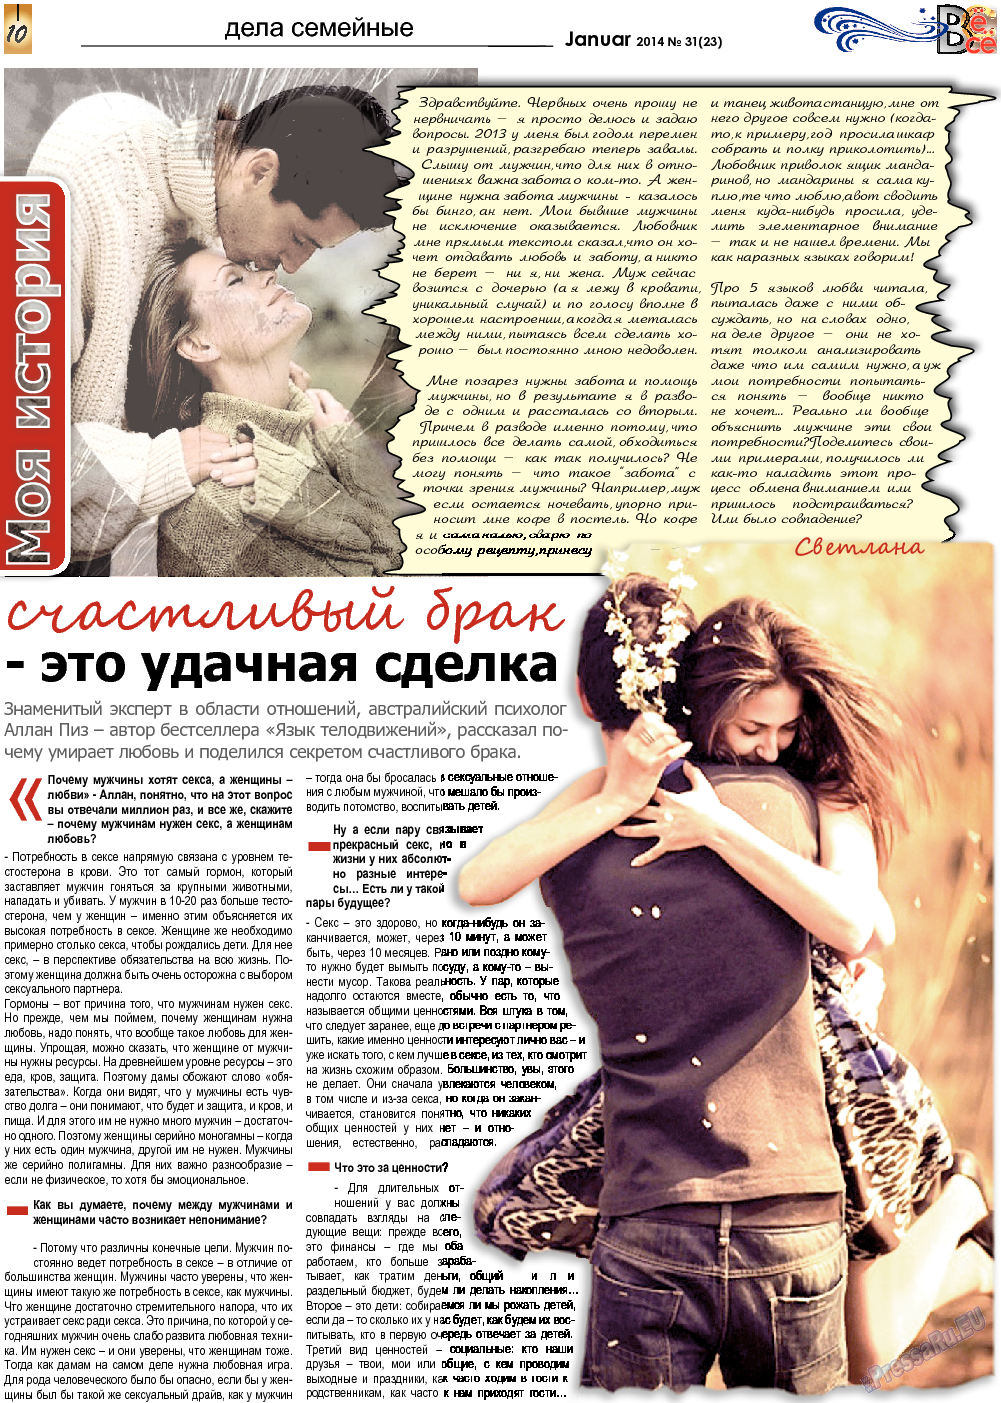 Все pro все (газета). 2014 год, номер 31, стр. 10